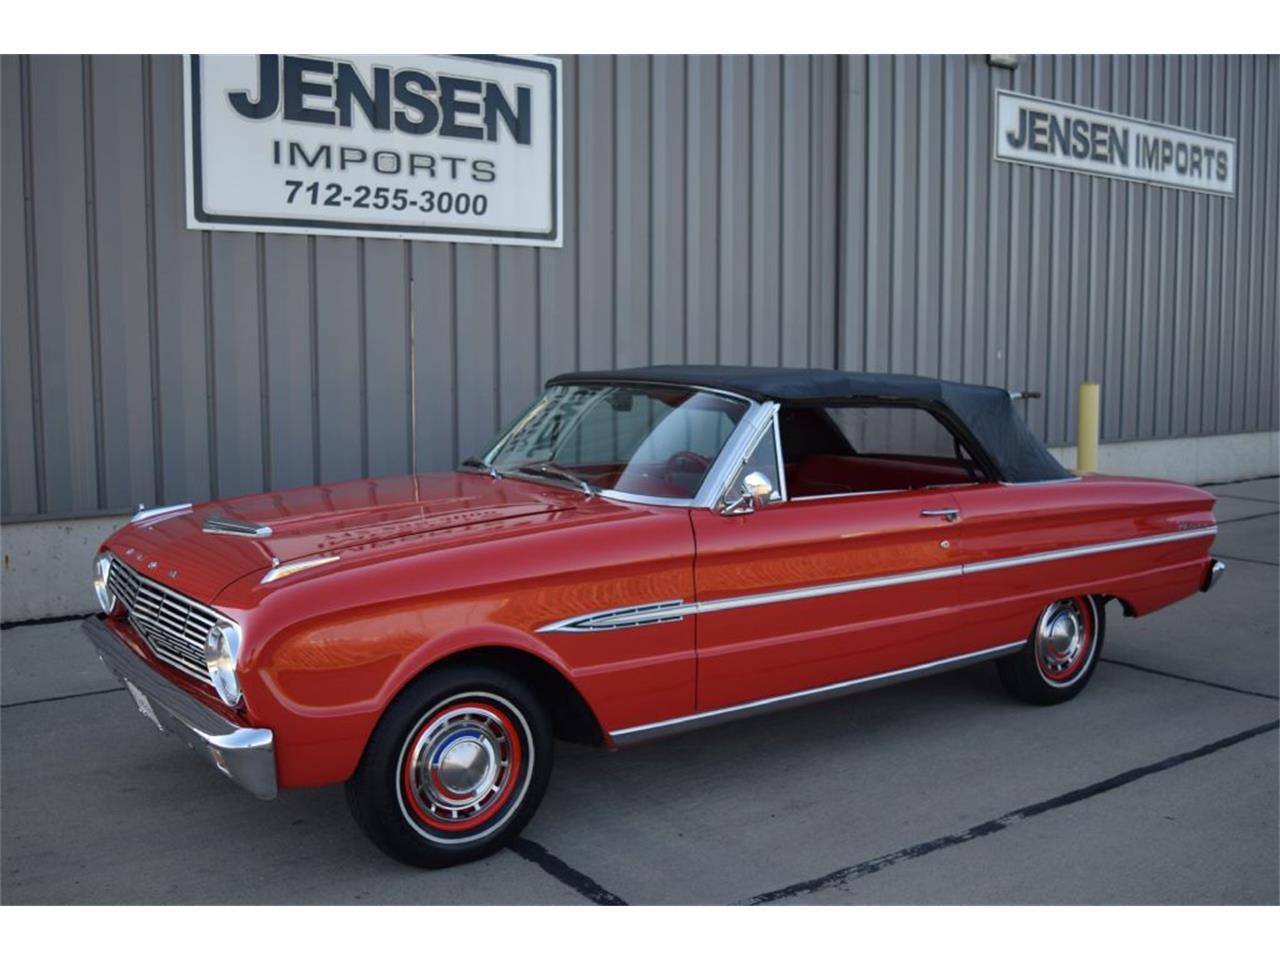 Large Picture of Classic 1963 Ford Falcon Futura - $24,900.00 - LUN9